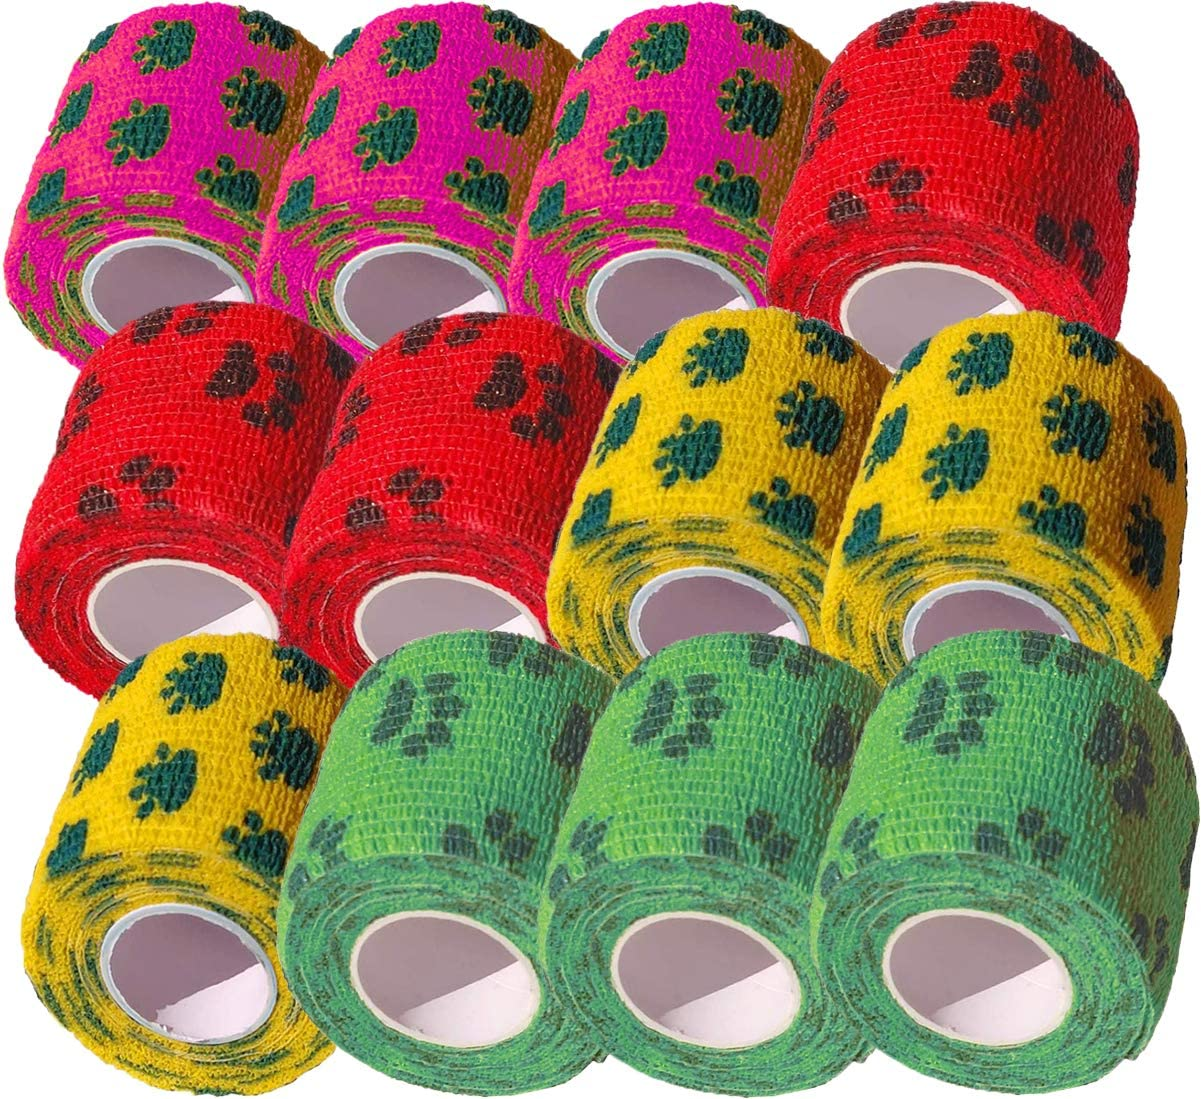 Biluer 12 Rotoli Benda Coesiva Benda Elastica Bendaggio Sportive Fasciatura 5cm x 4.5m Cohesive Bandage per Polsi Caviglie Slogature E Gonfiore Primo Soccorso 4 Colori